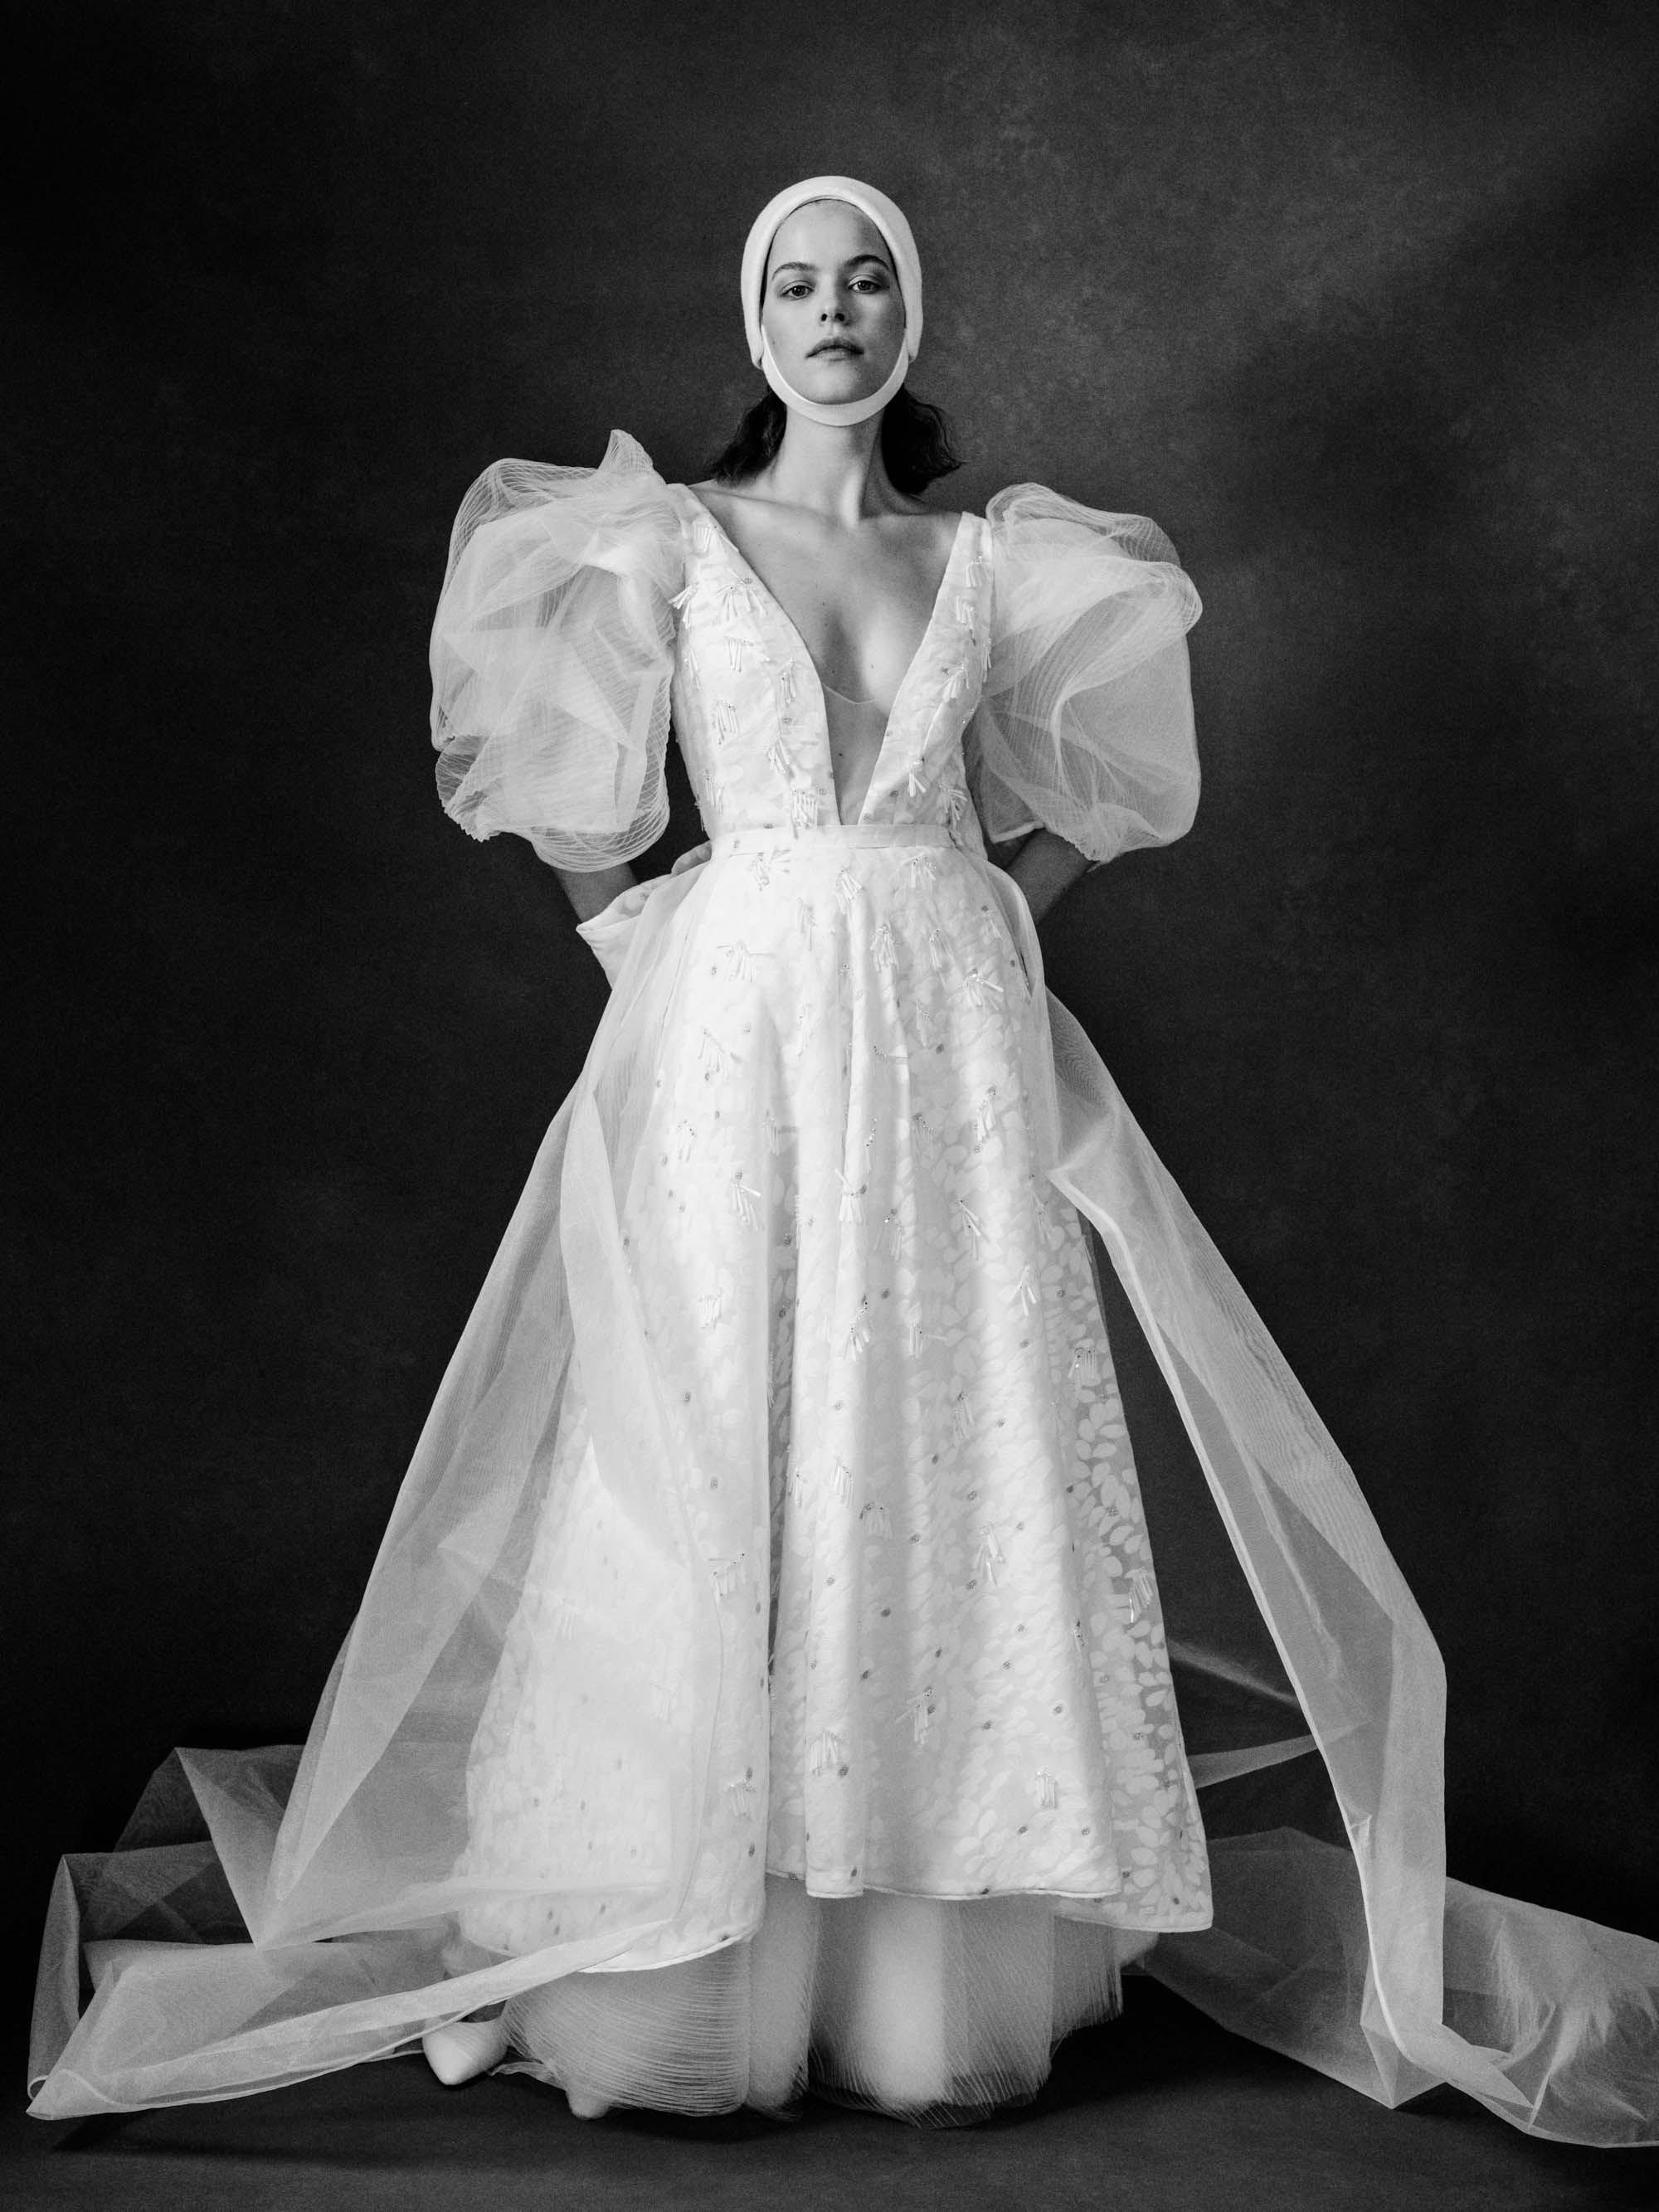 PHUONG MY Bridal được đề cử giải thưởng Thương hiệu mới xuất sắc nhất năm tại Anh - Ảnh 4.